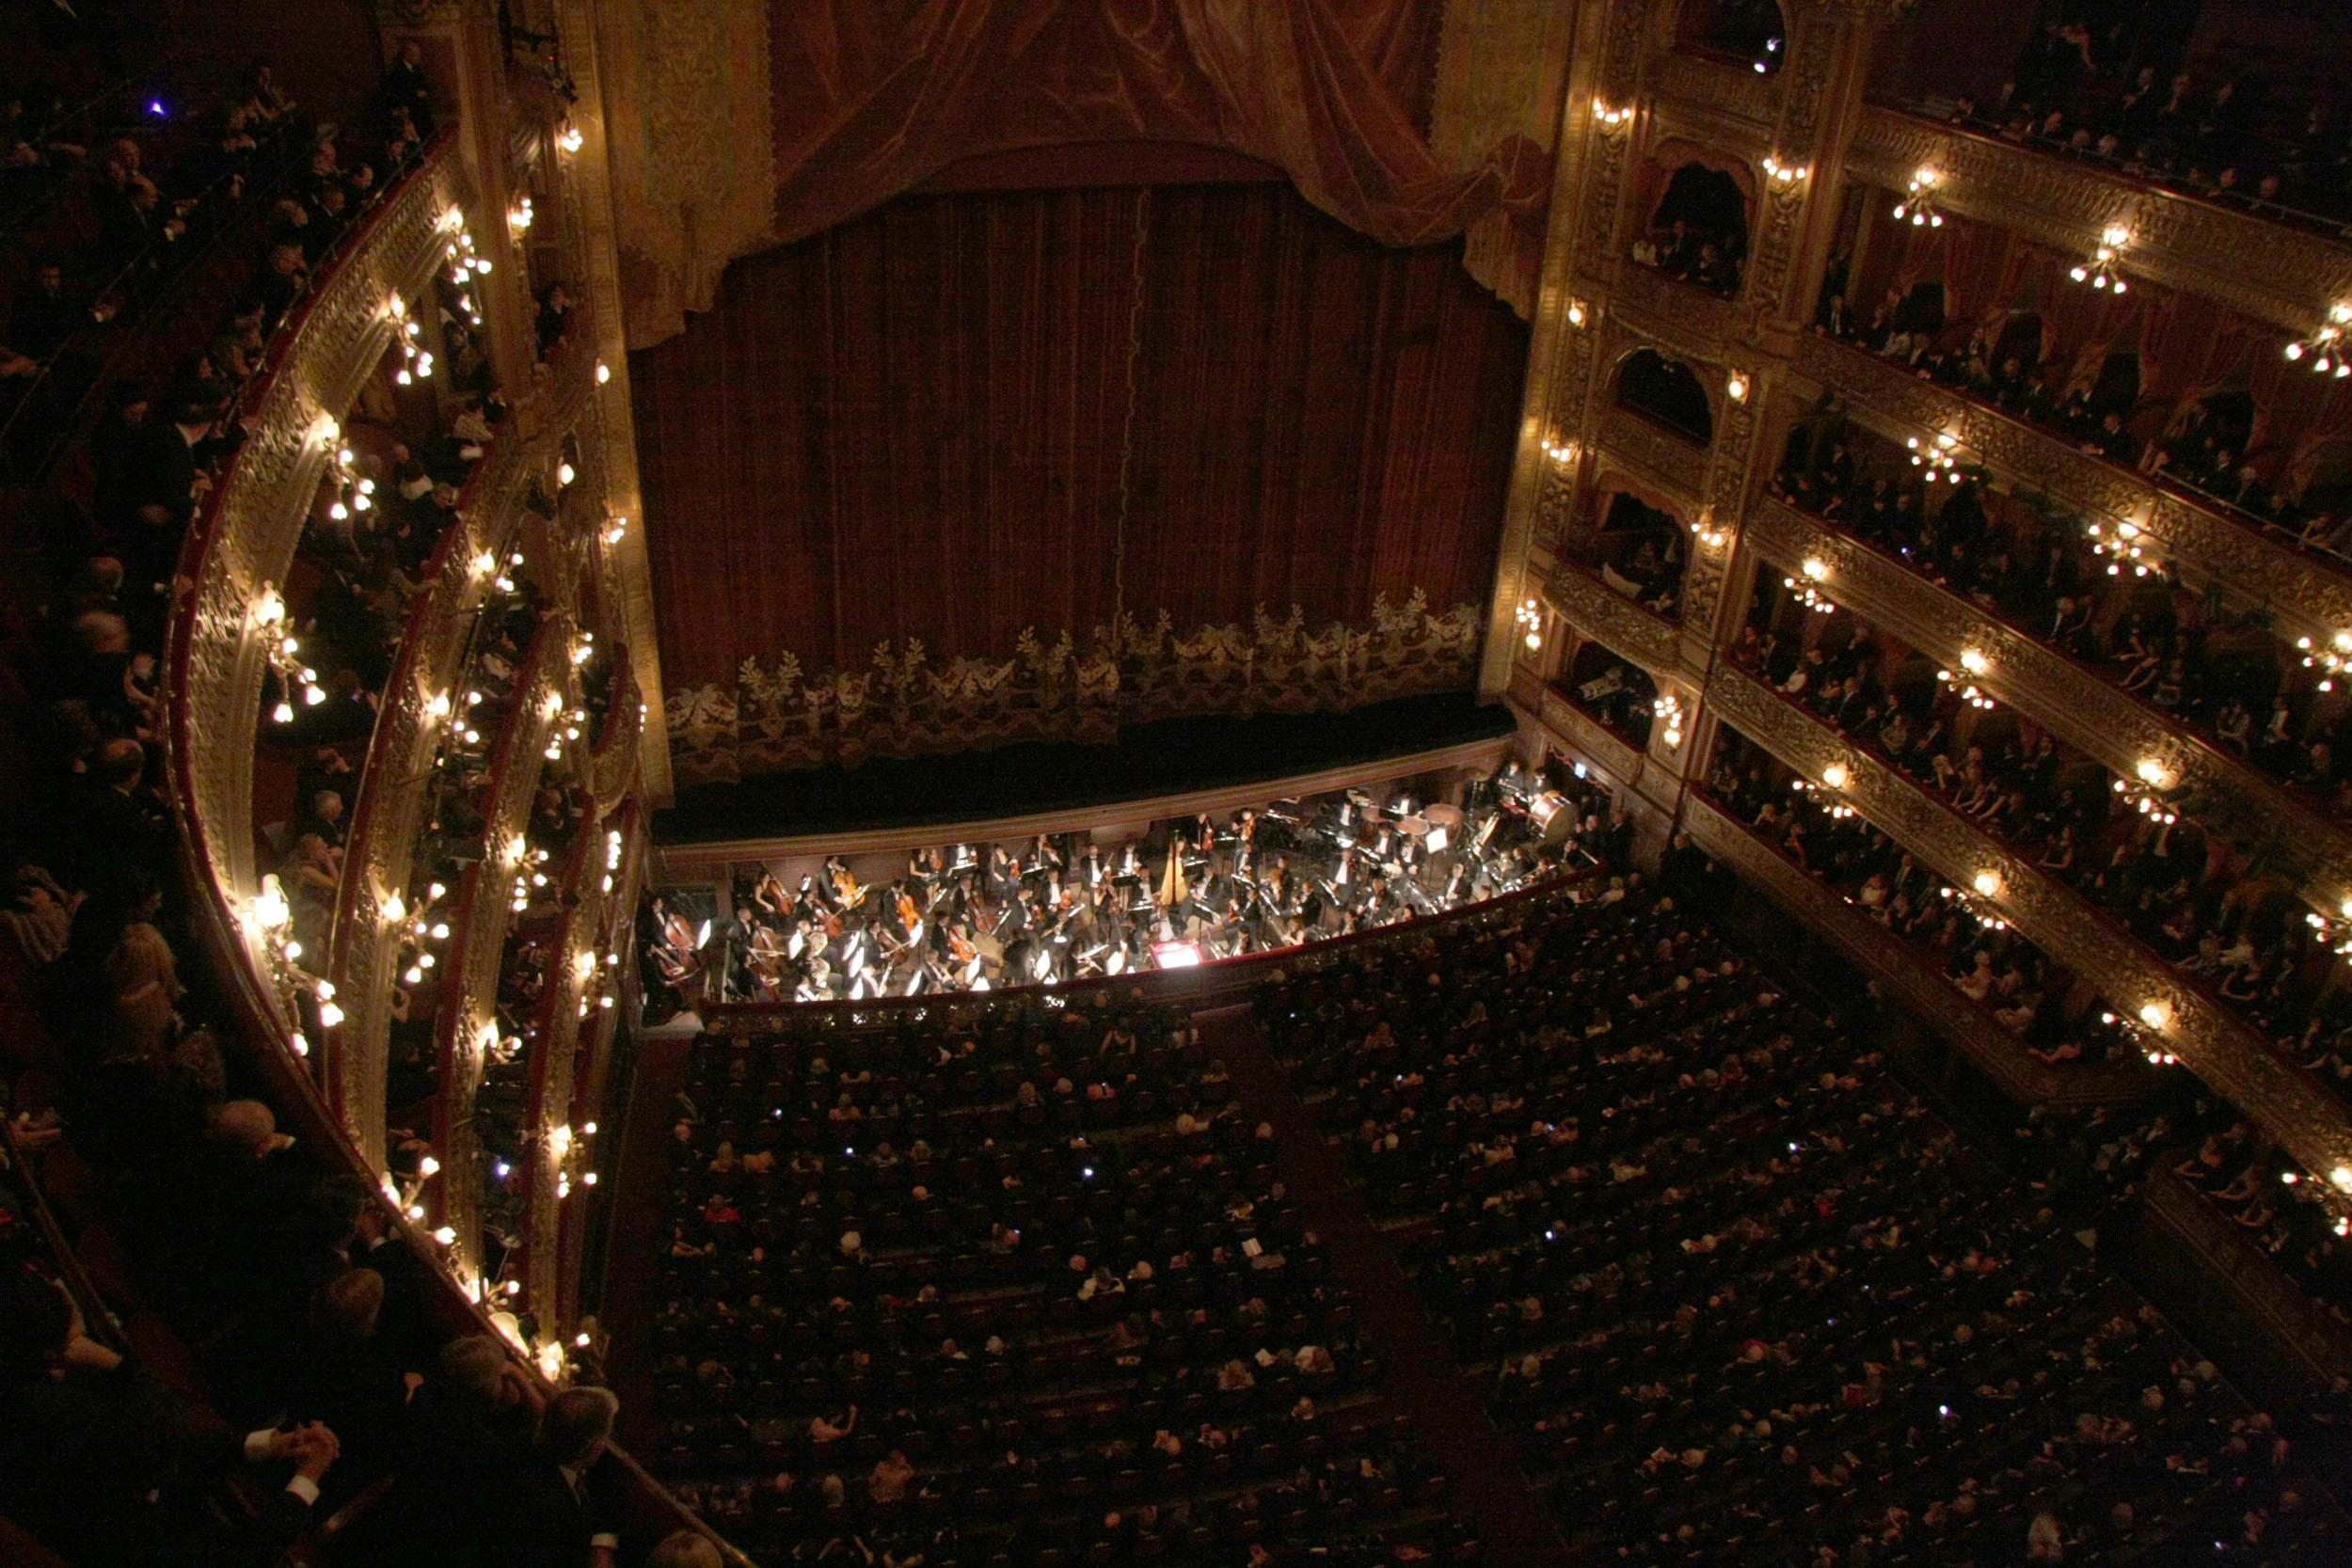 Mariano Mores fue la figura principal, durante el peronismo, de la apertura del Teatro Colón a la música popular. Su milonga «Taquito militar», estrenada en el Colón en 1952, quedó como emblema del vínculo entre música popular y música «culta».